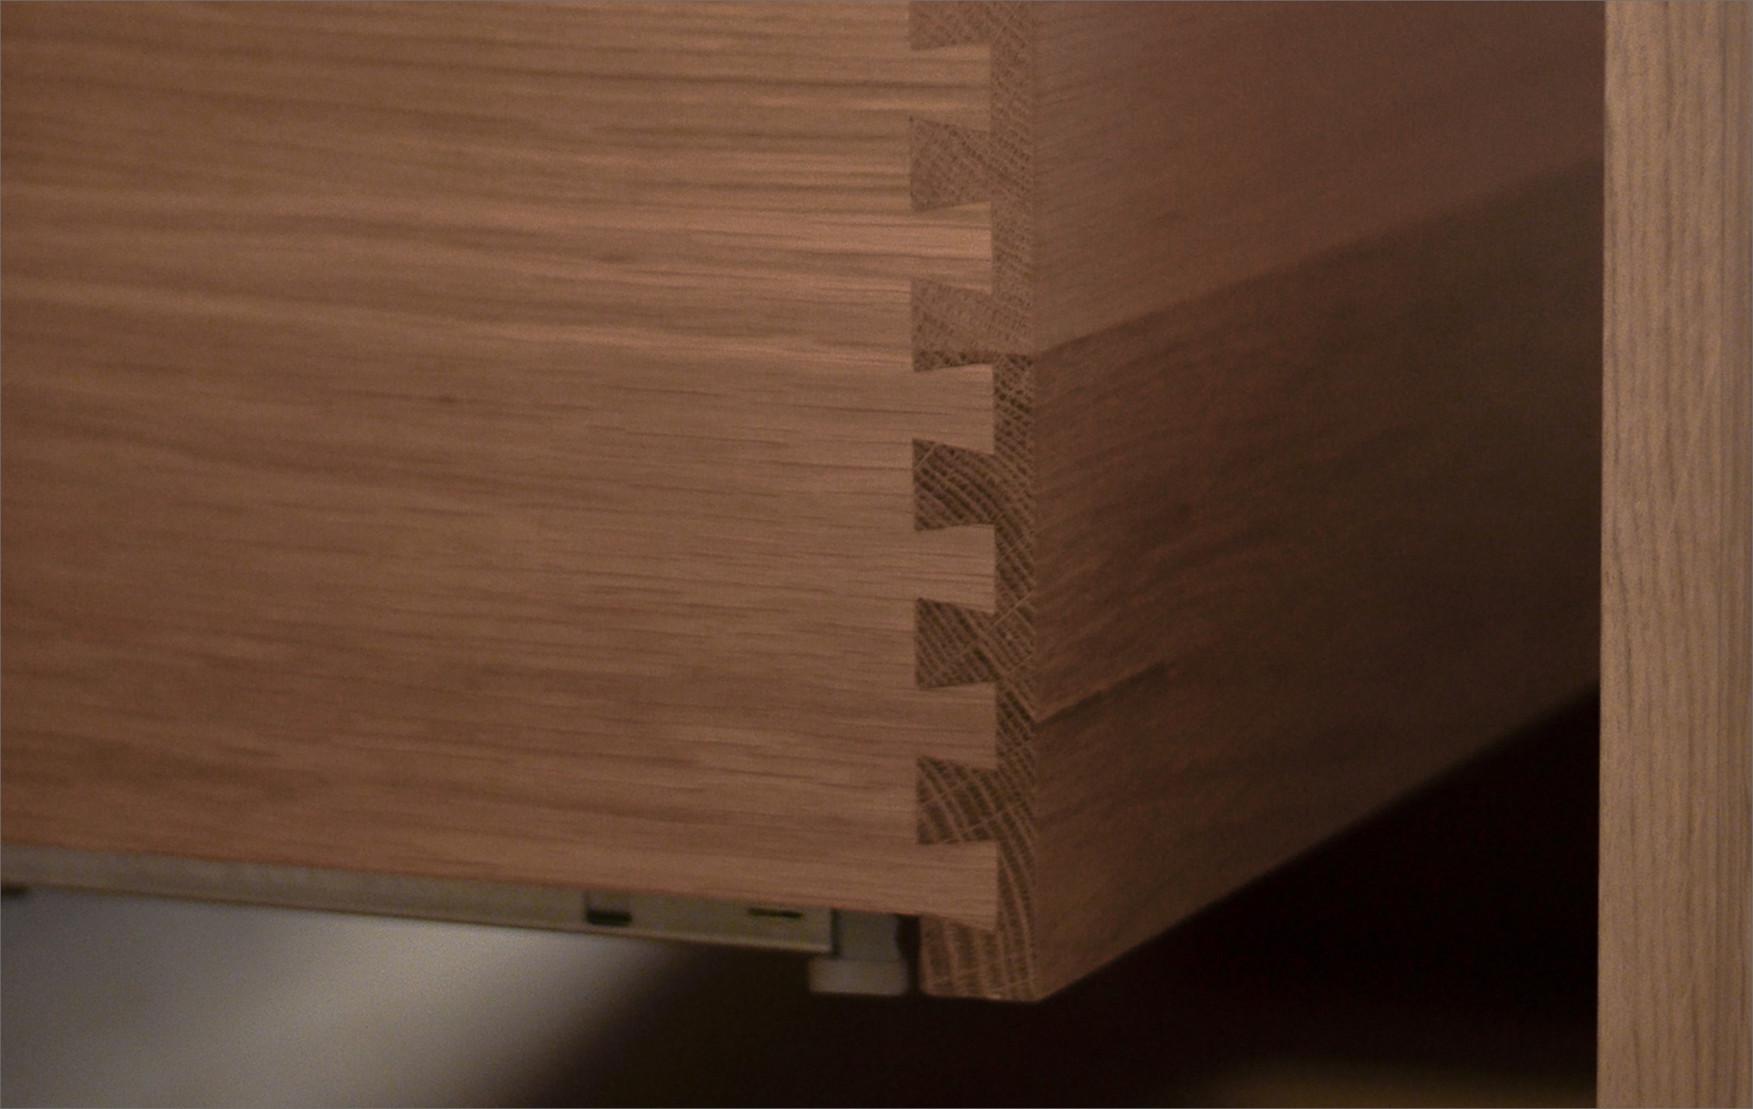 FrankTack_20200616_Afwerkingen2.jpg De details maken de meubels